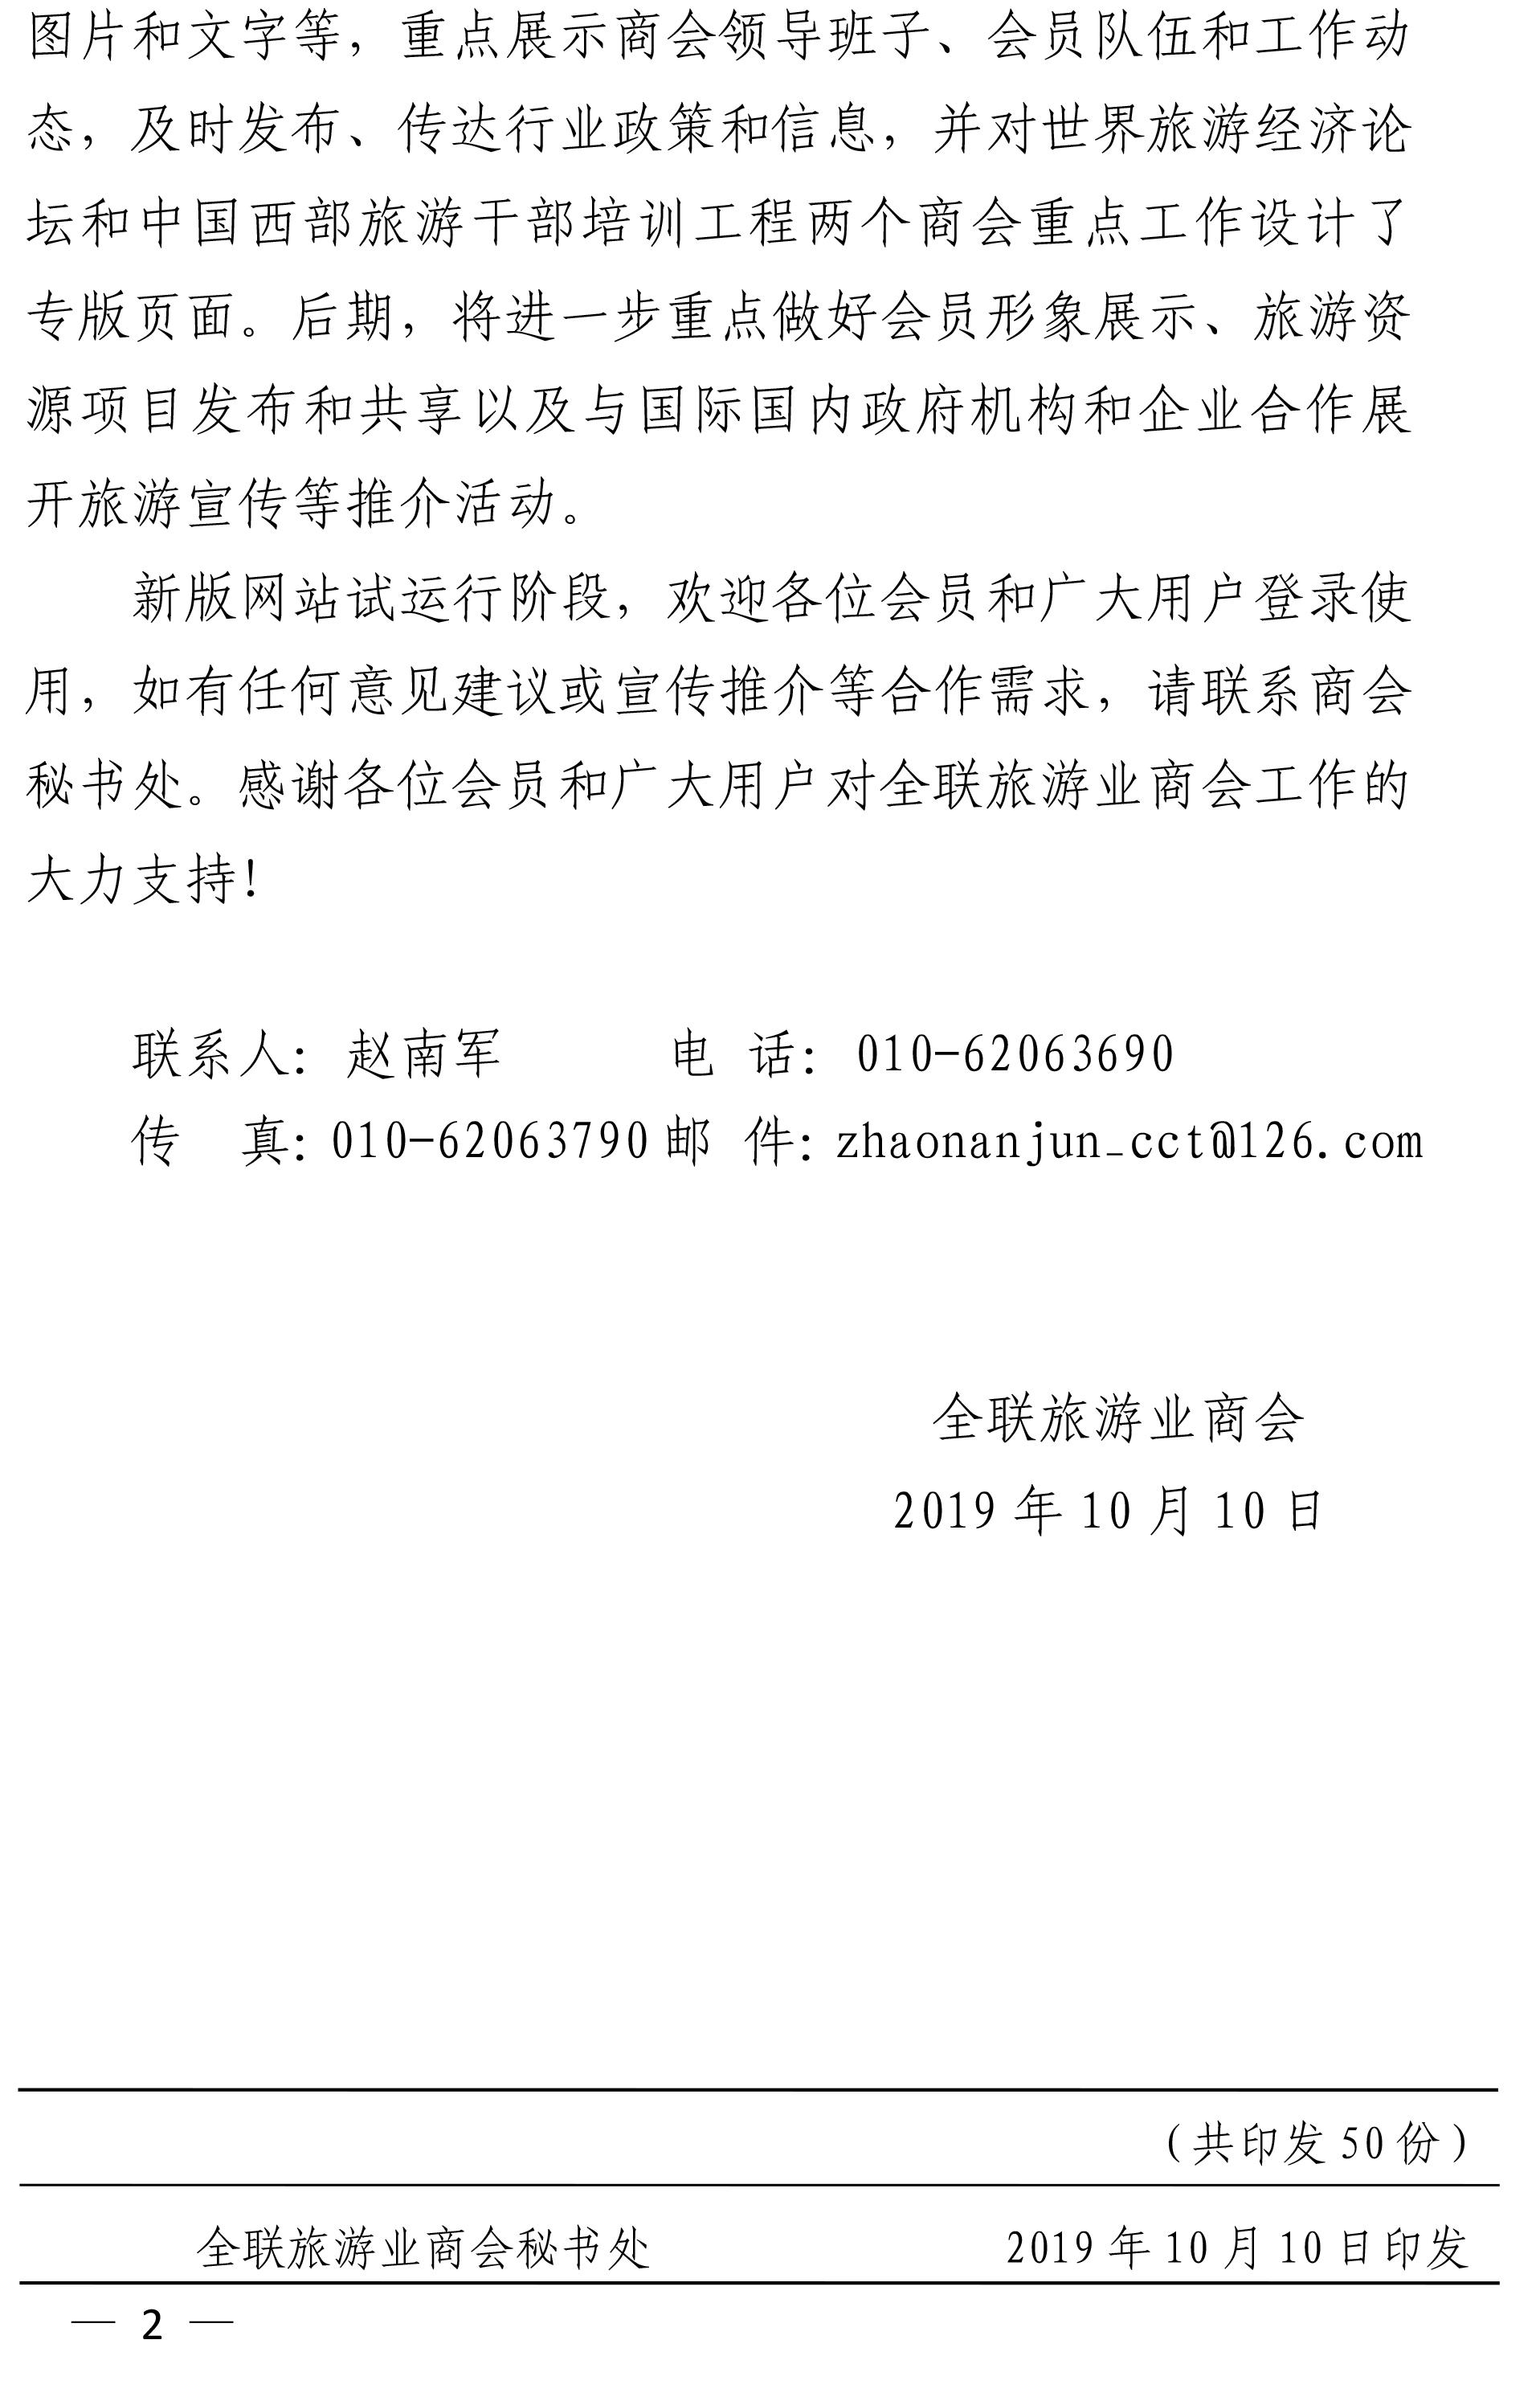 全联旅游业商会关于新版官方网站试运行的通知-1-2